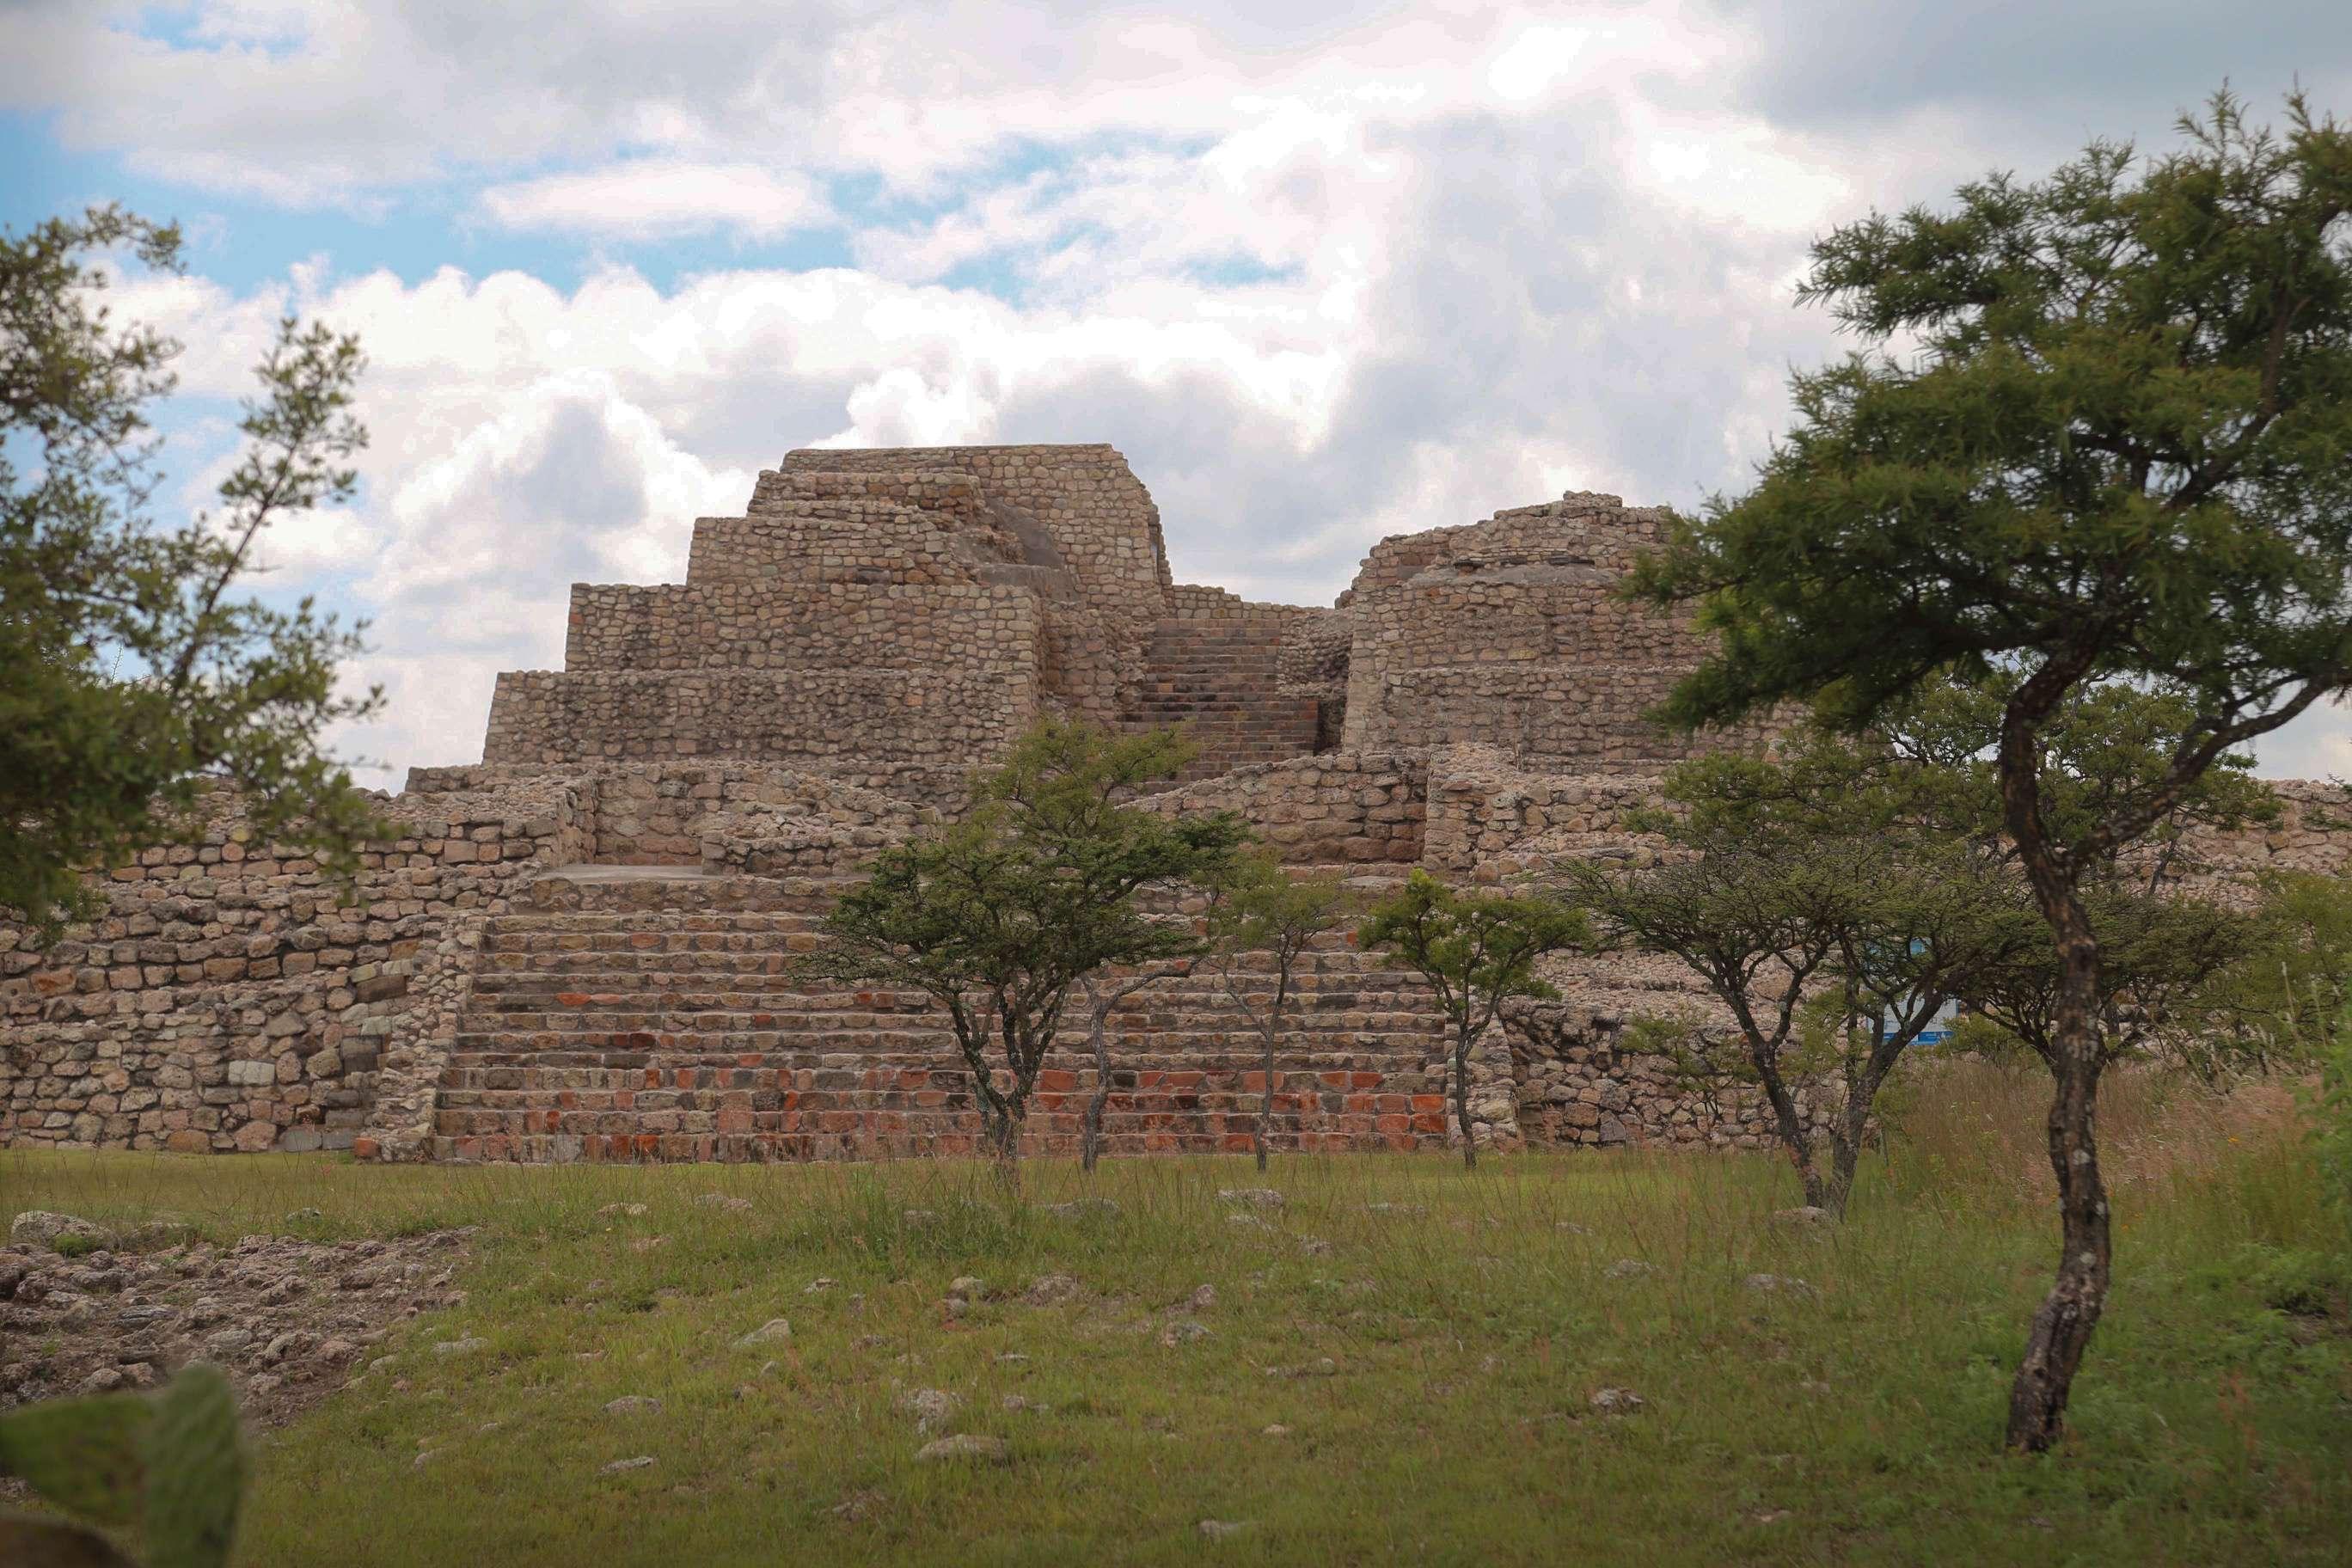 Cañada de la Virgen is the most recently-excavated pyramid in Mexico.